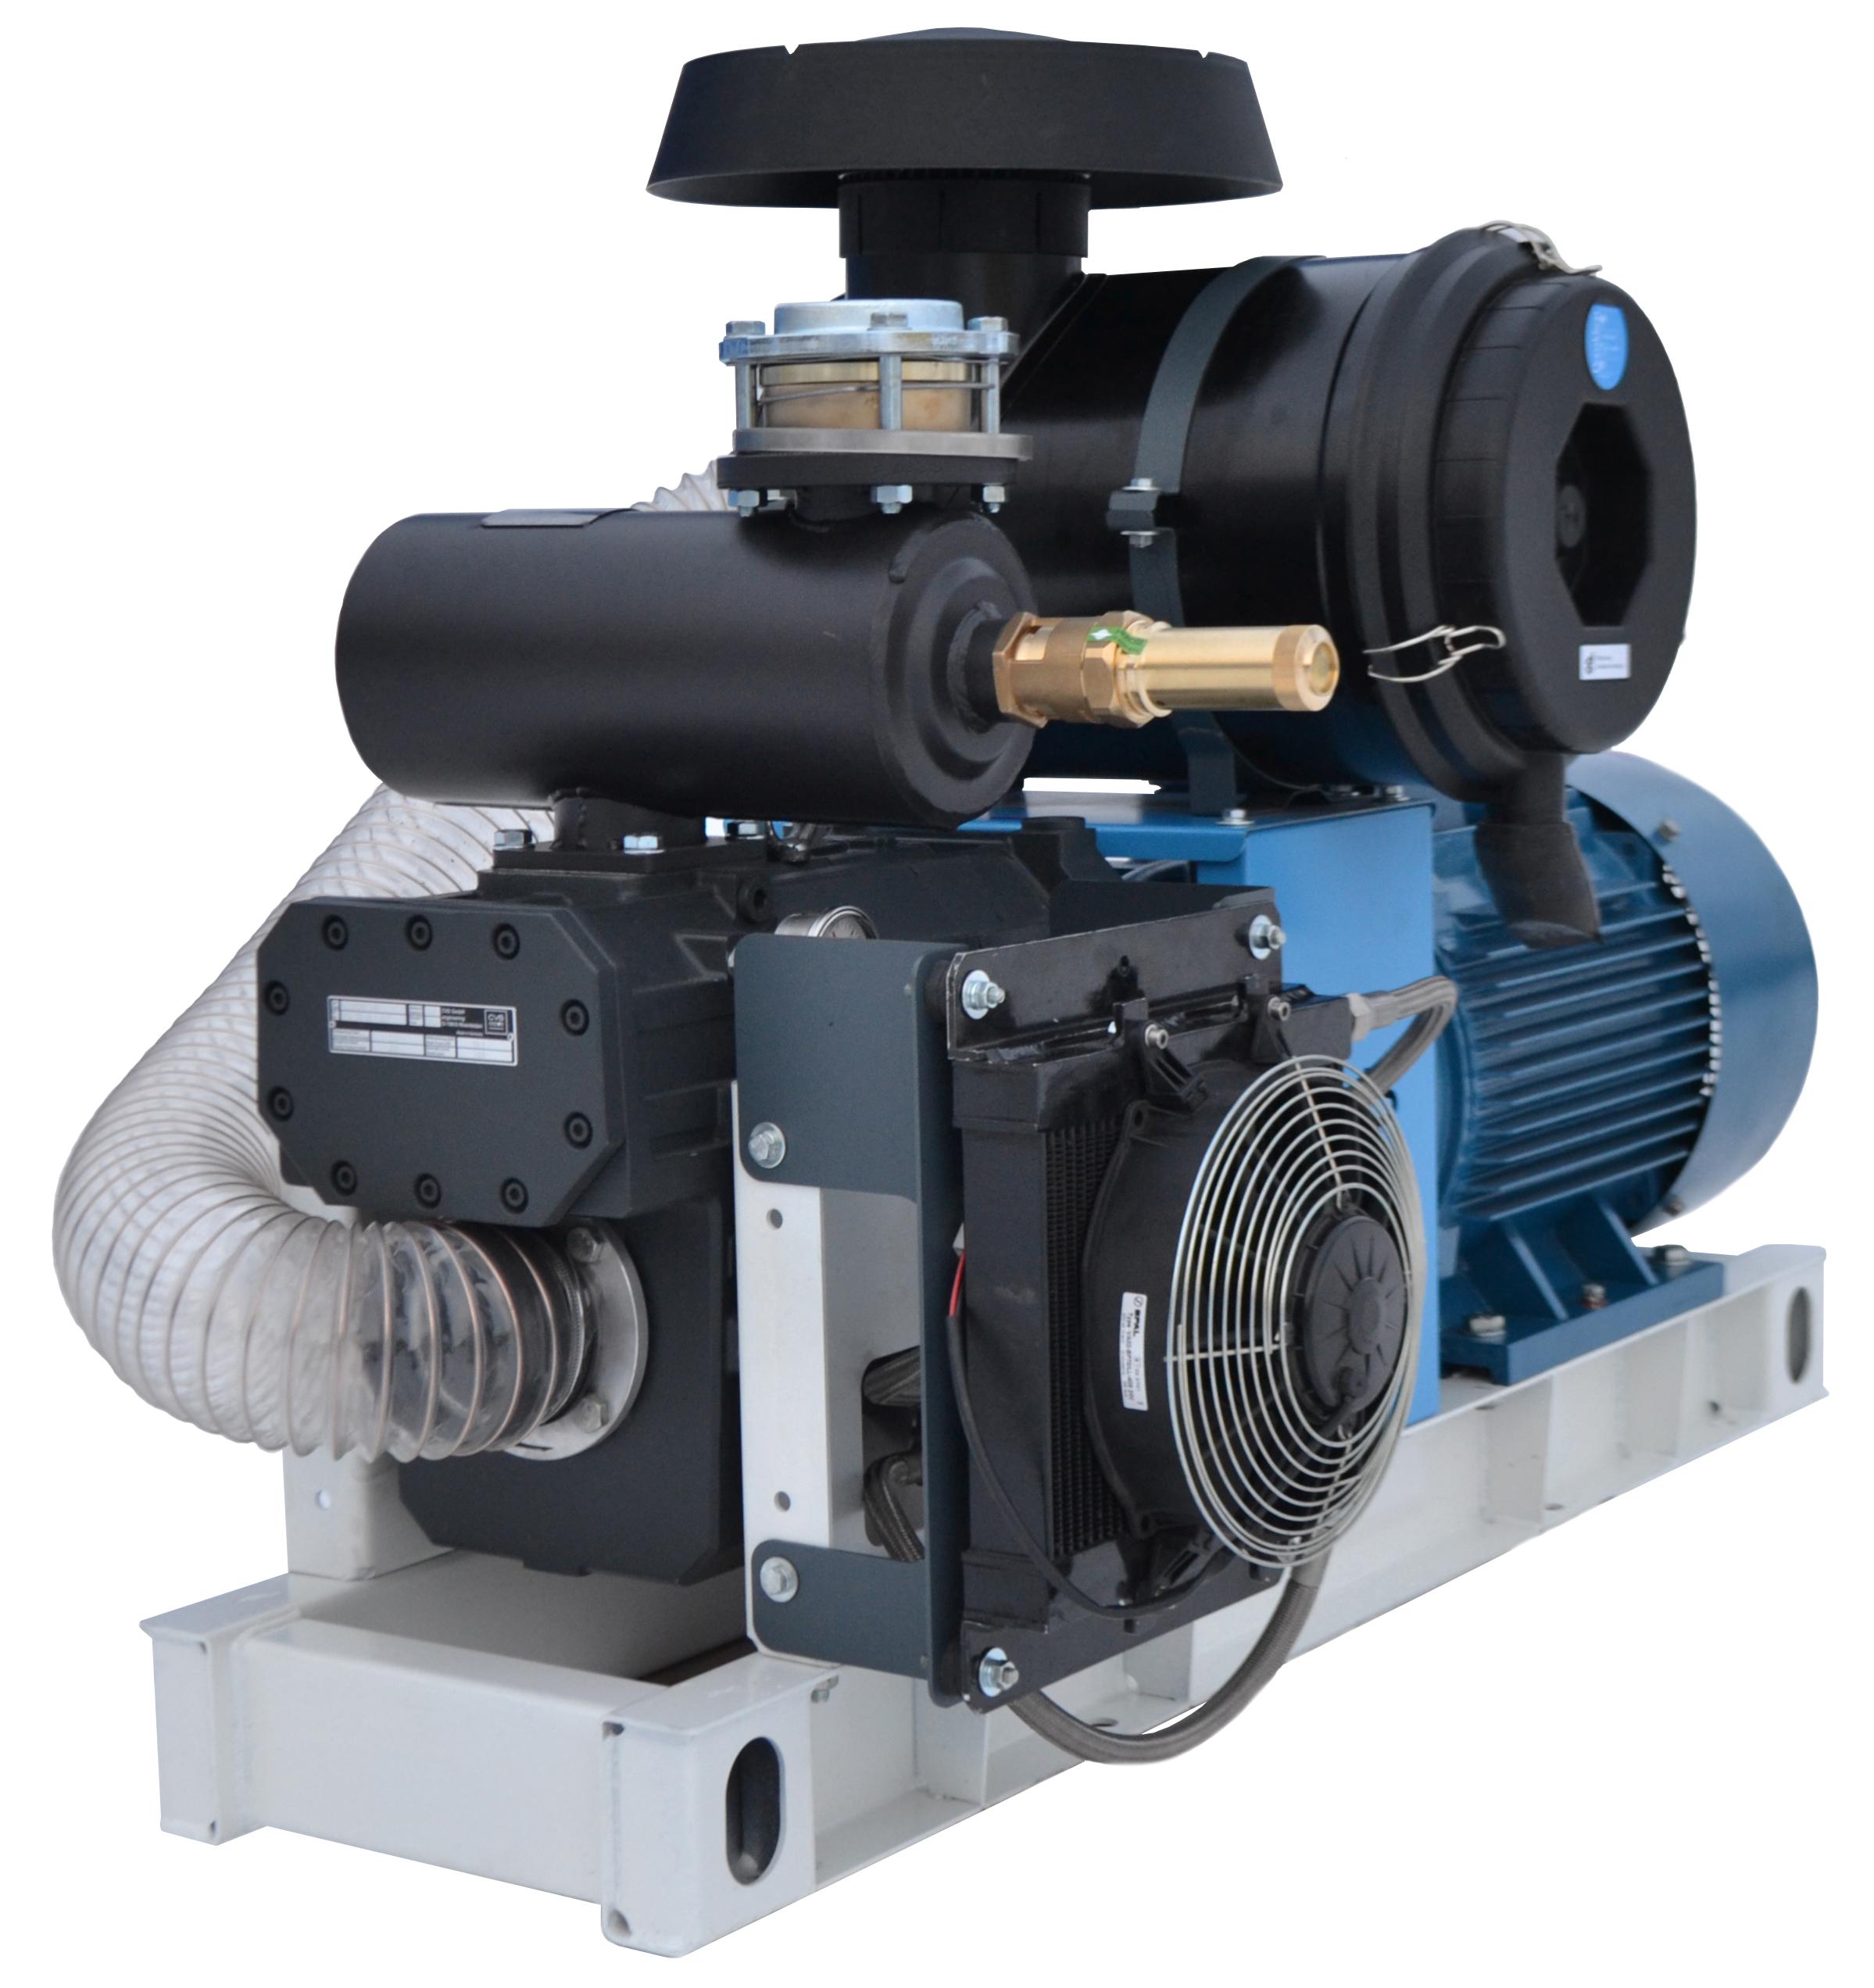 CVS SK 1100 компрессор с электроприводом 55 кВт для выгрузки комбикорма